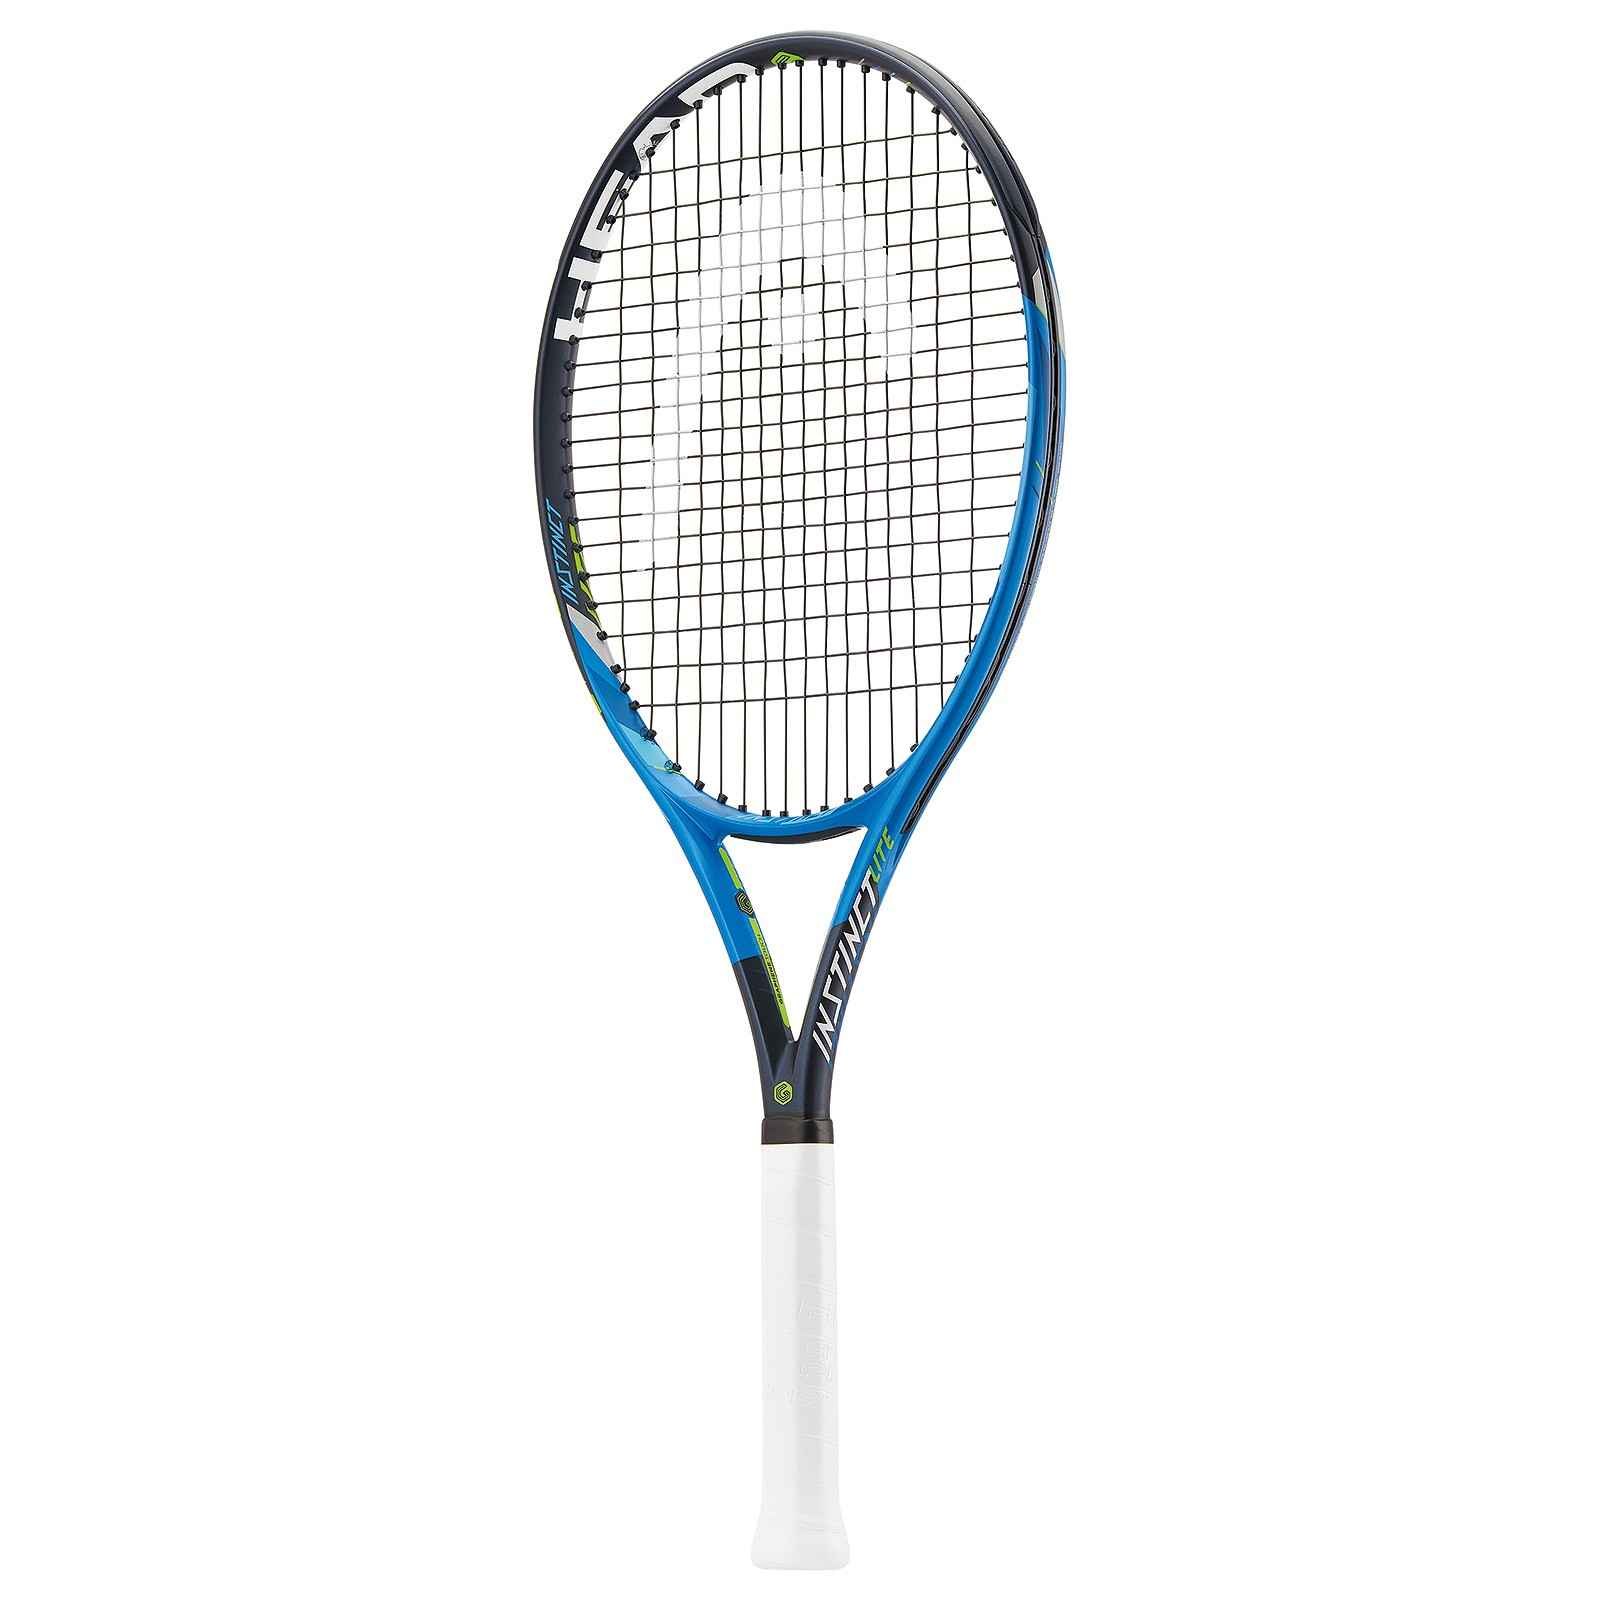 Rakieta tenisowa Head Graphene Touch Instinct Lite